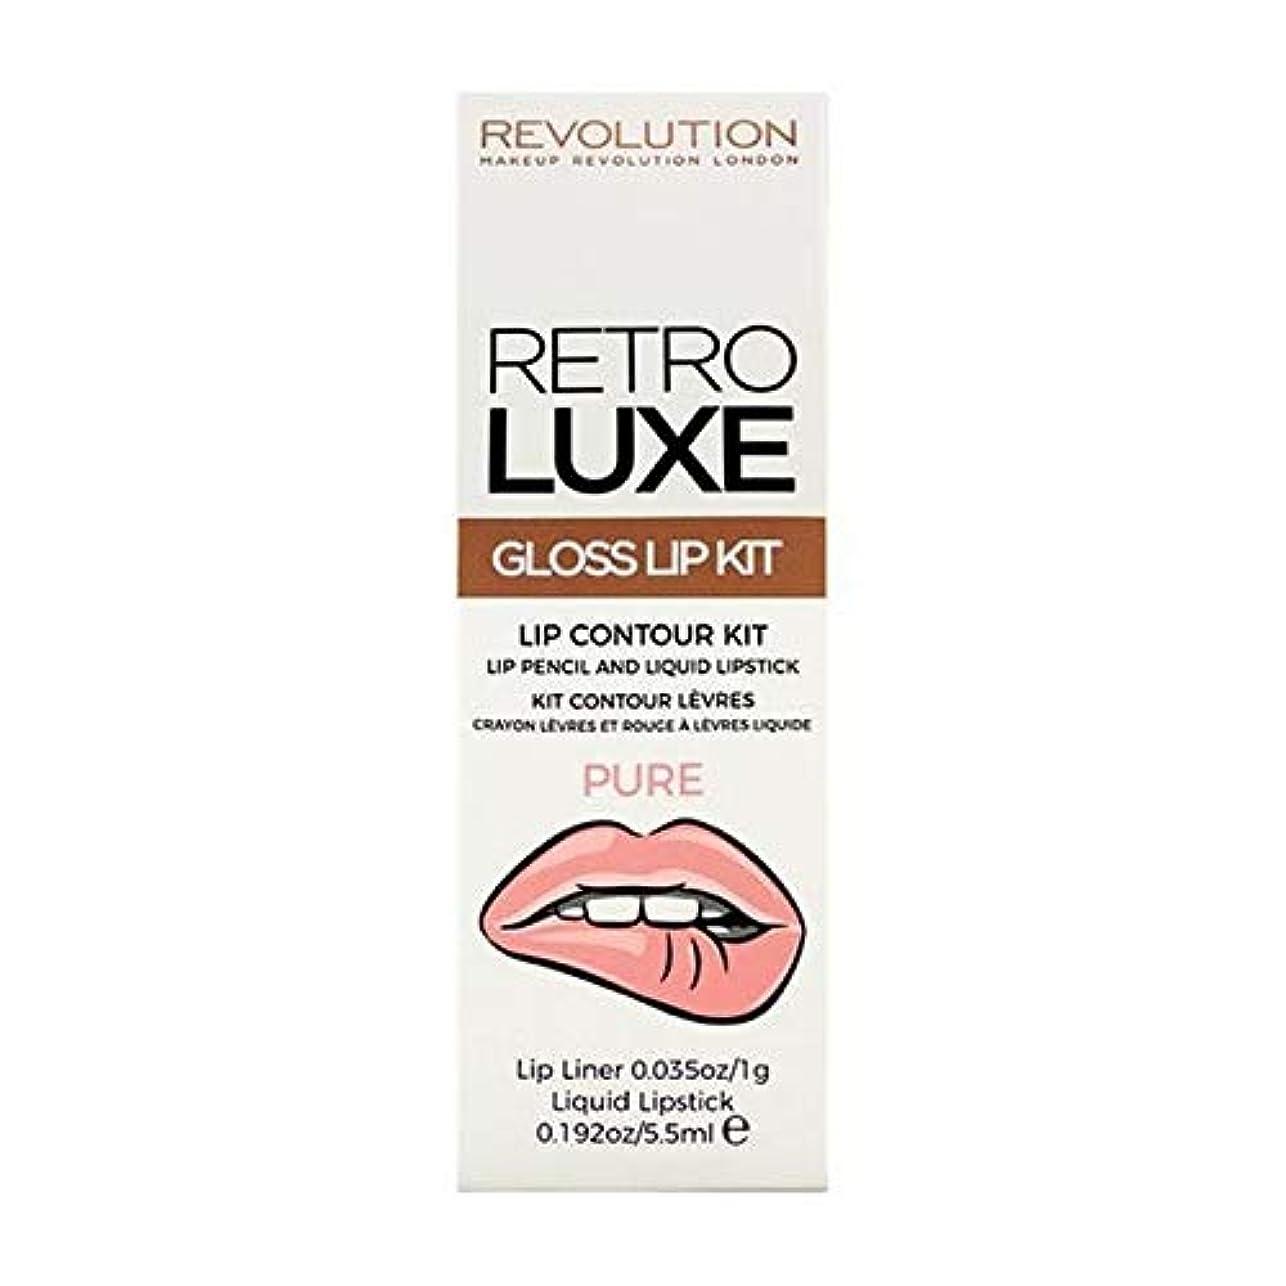 意外薄暗い志す[Revolution ] 革命のレトロラックスキットは、純粋な光沢 - Revolution Retro Luxe Kits Gloss Pure [並行輸入品]